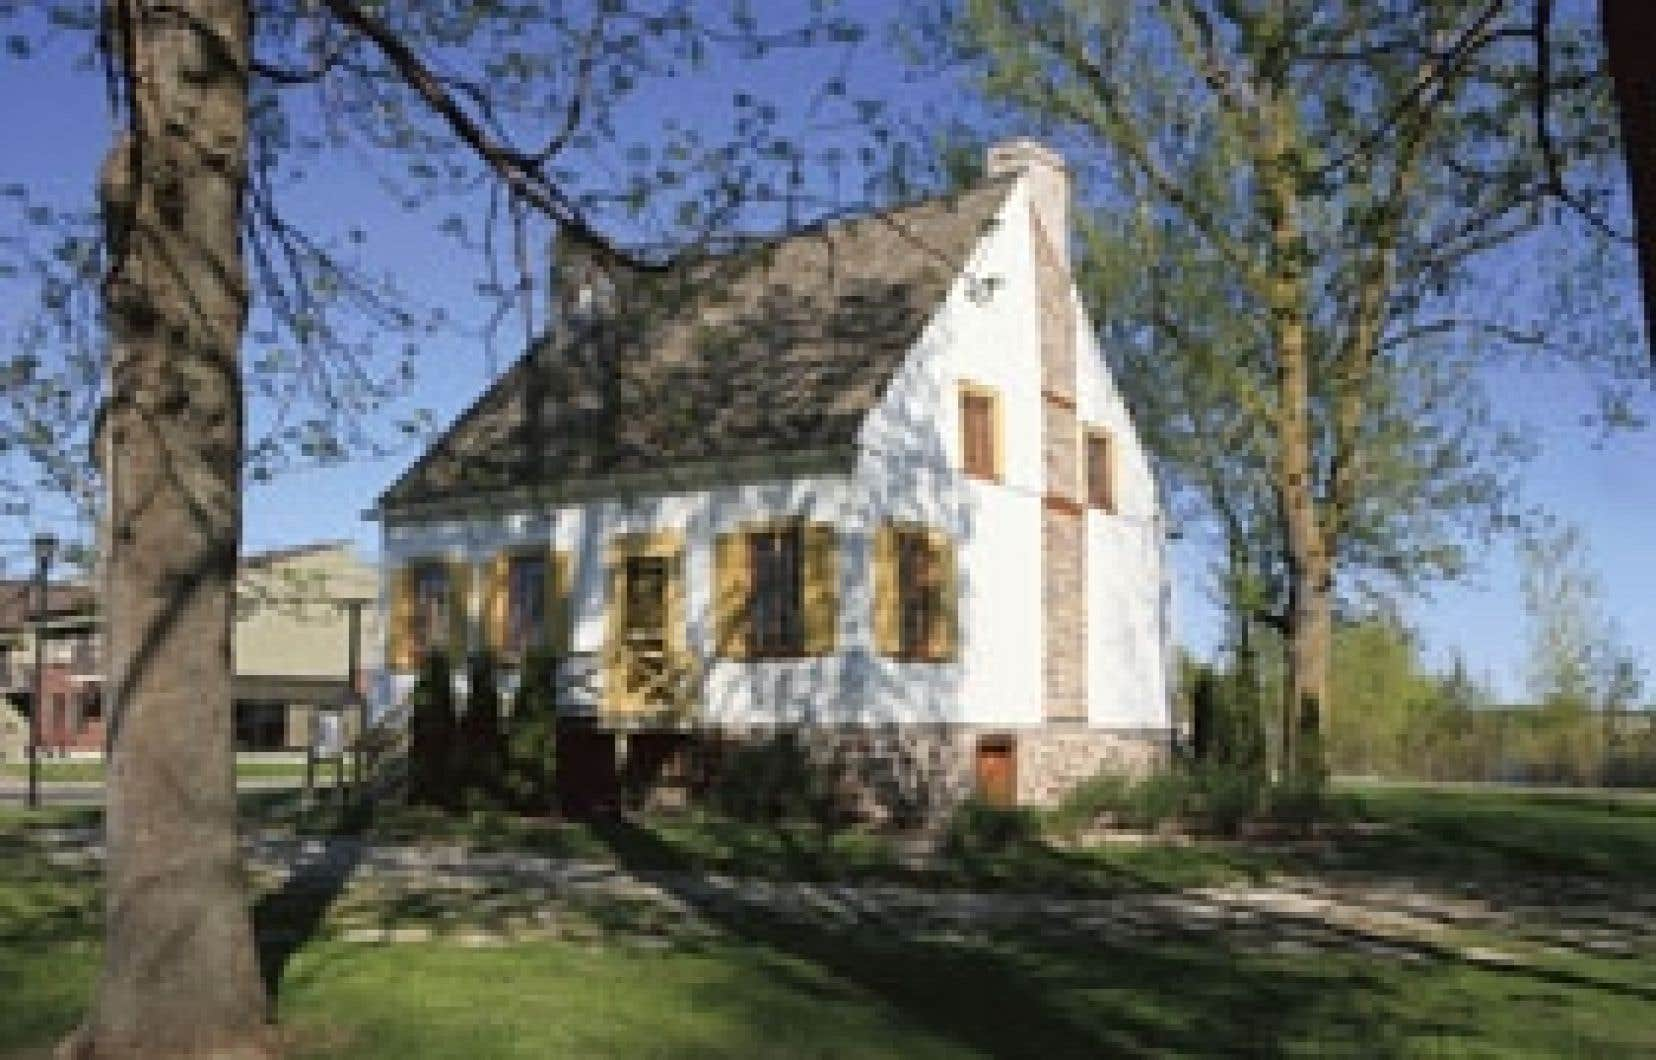 La maison Valois, un carré de pièces recouvertes de planches verticales, à la mode de la fin du XVIIIe siècle.